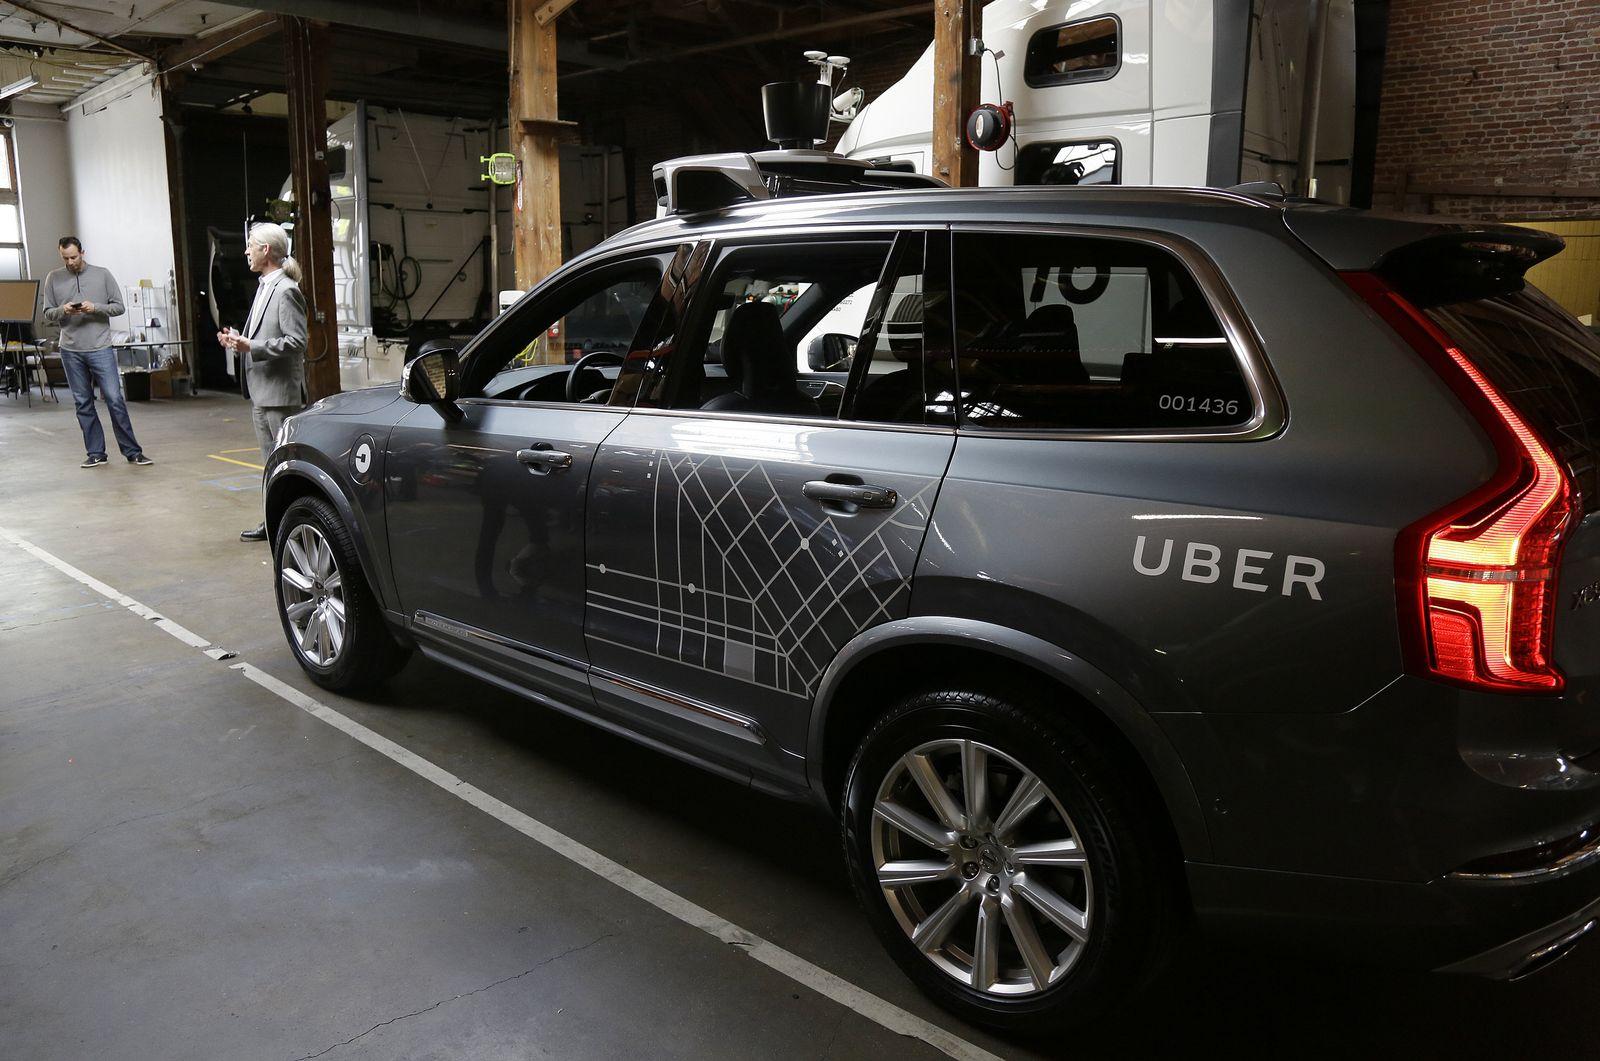 Selbstfahrender Wagen / Uber